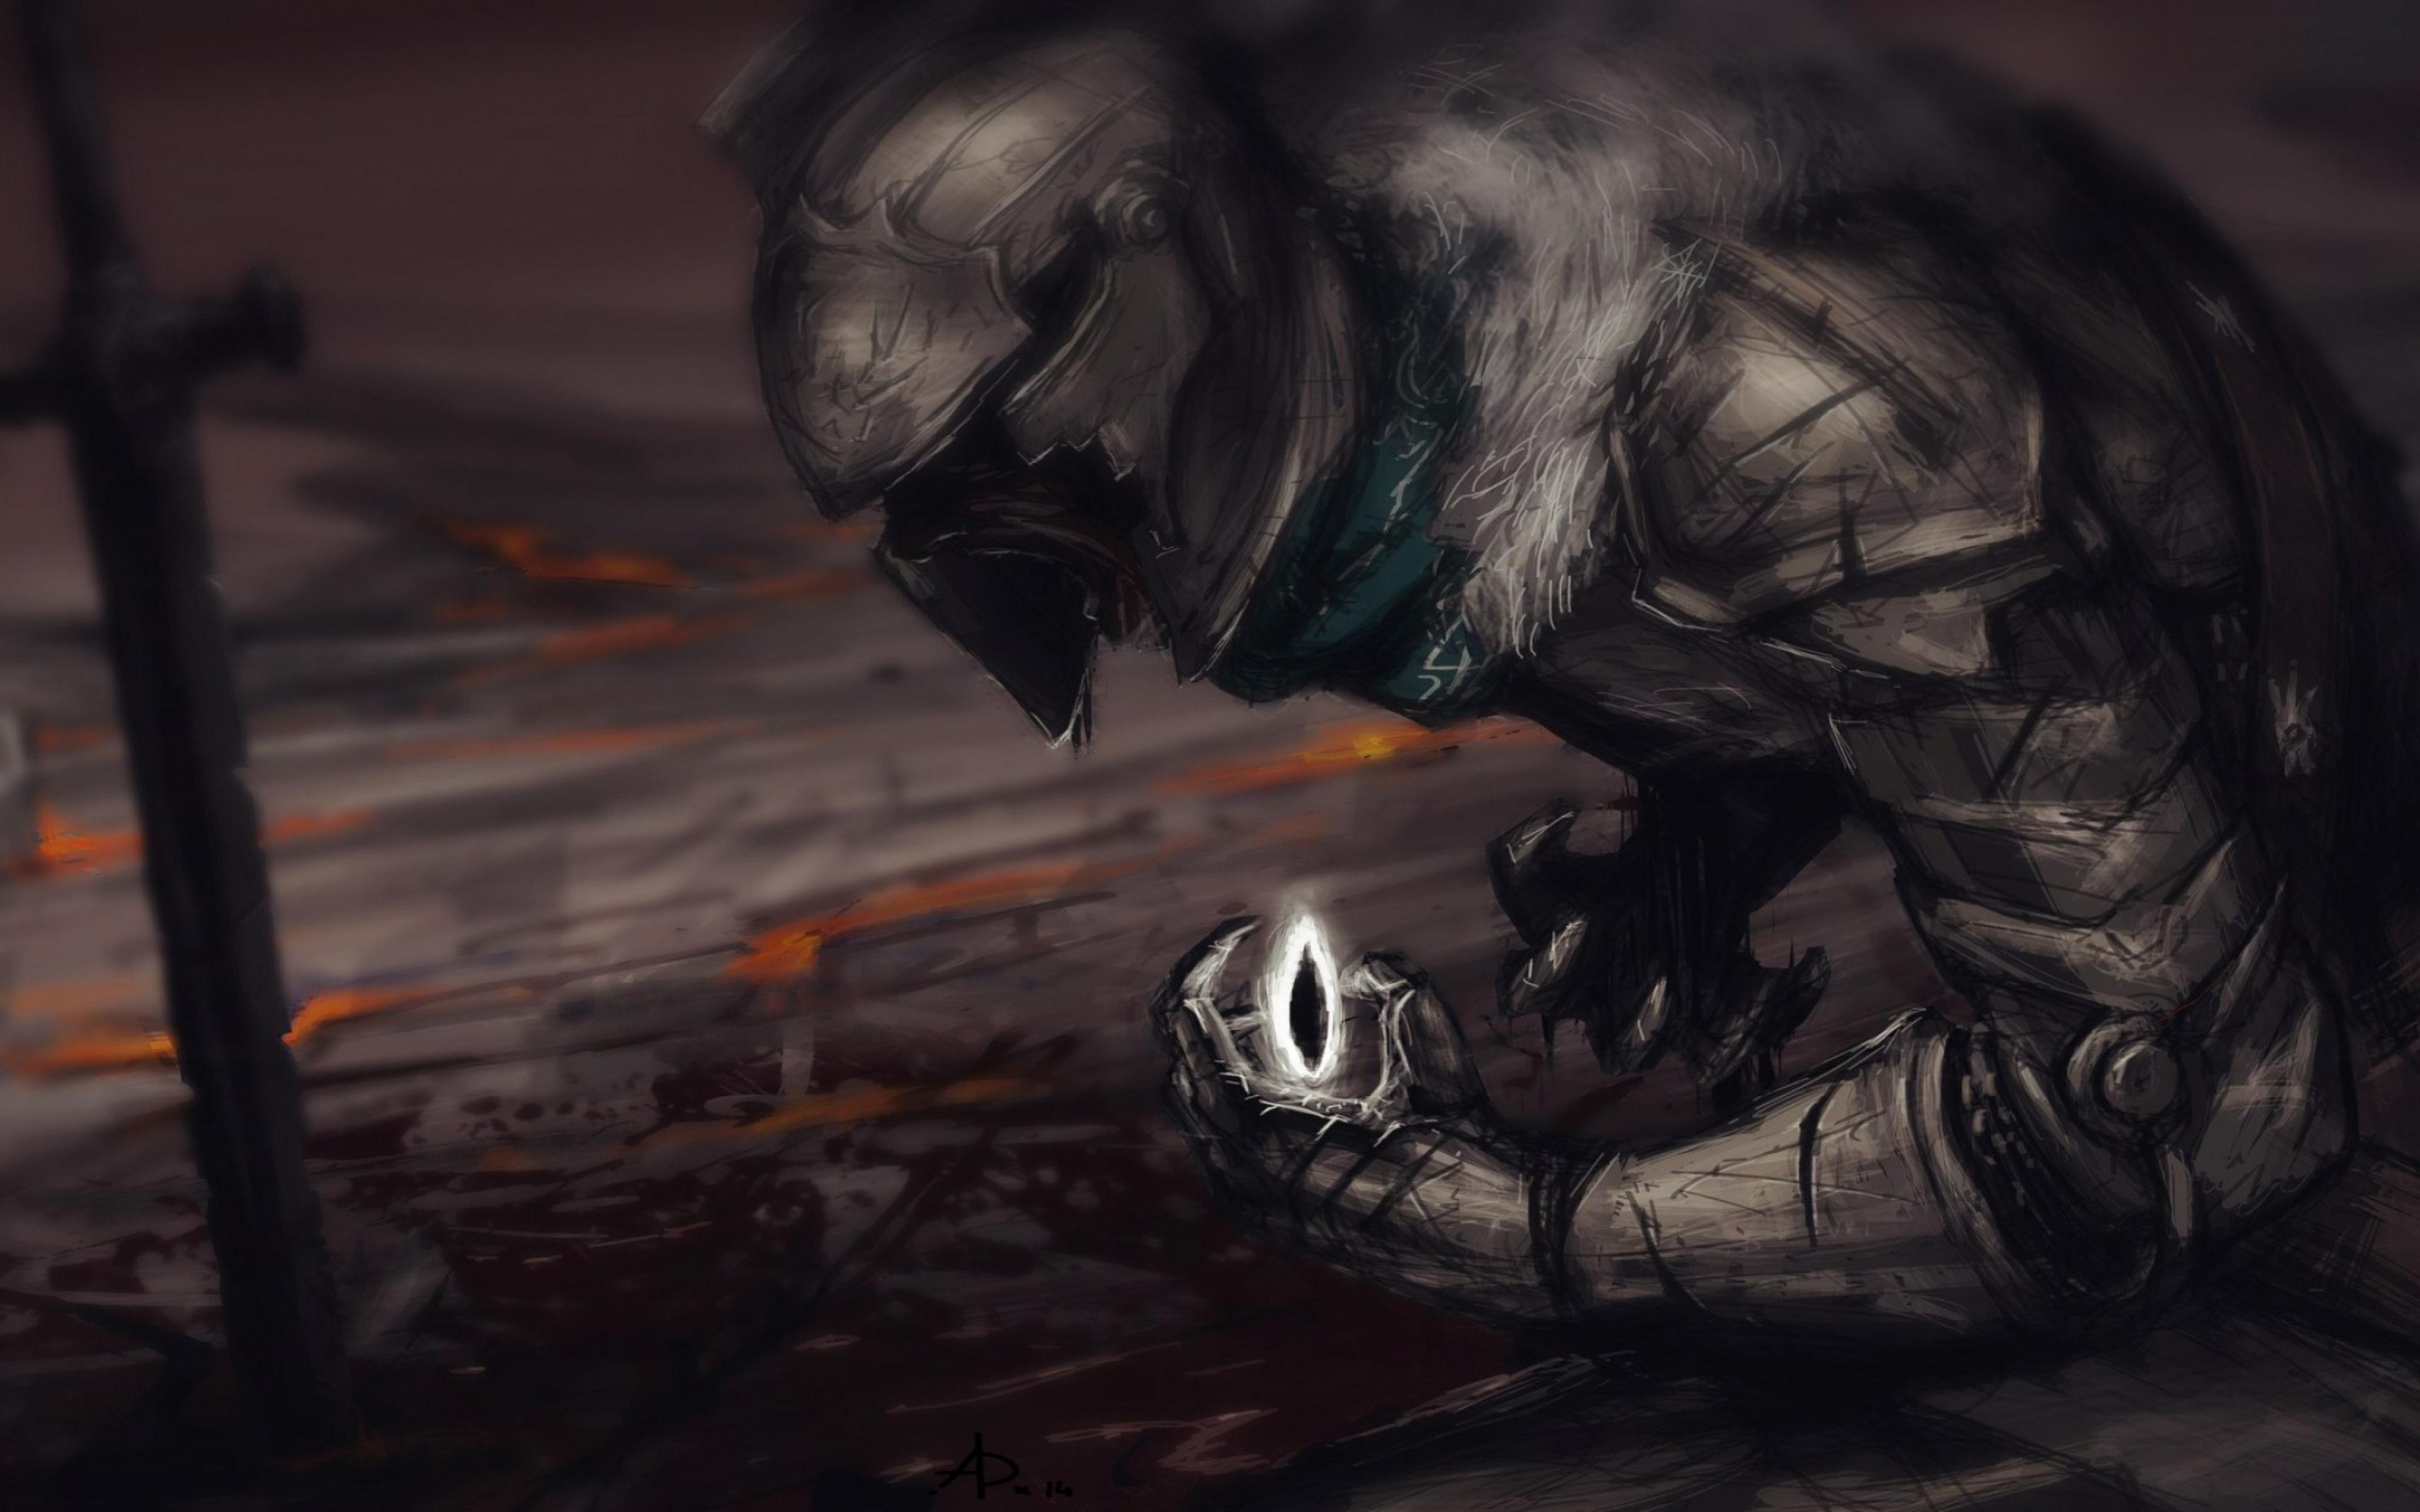 dark souls ii art armor warrior 3840x2400